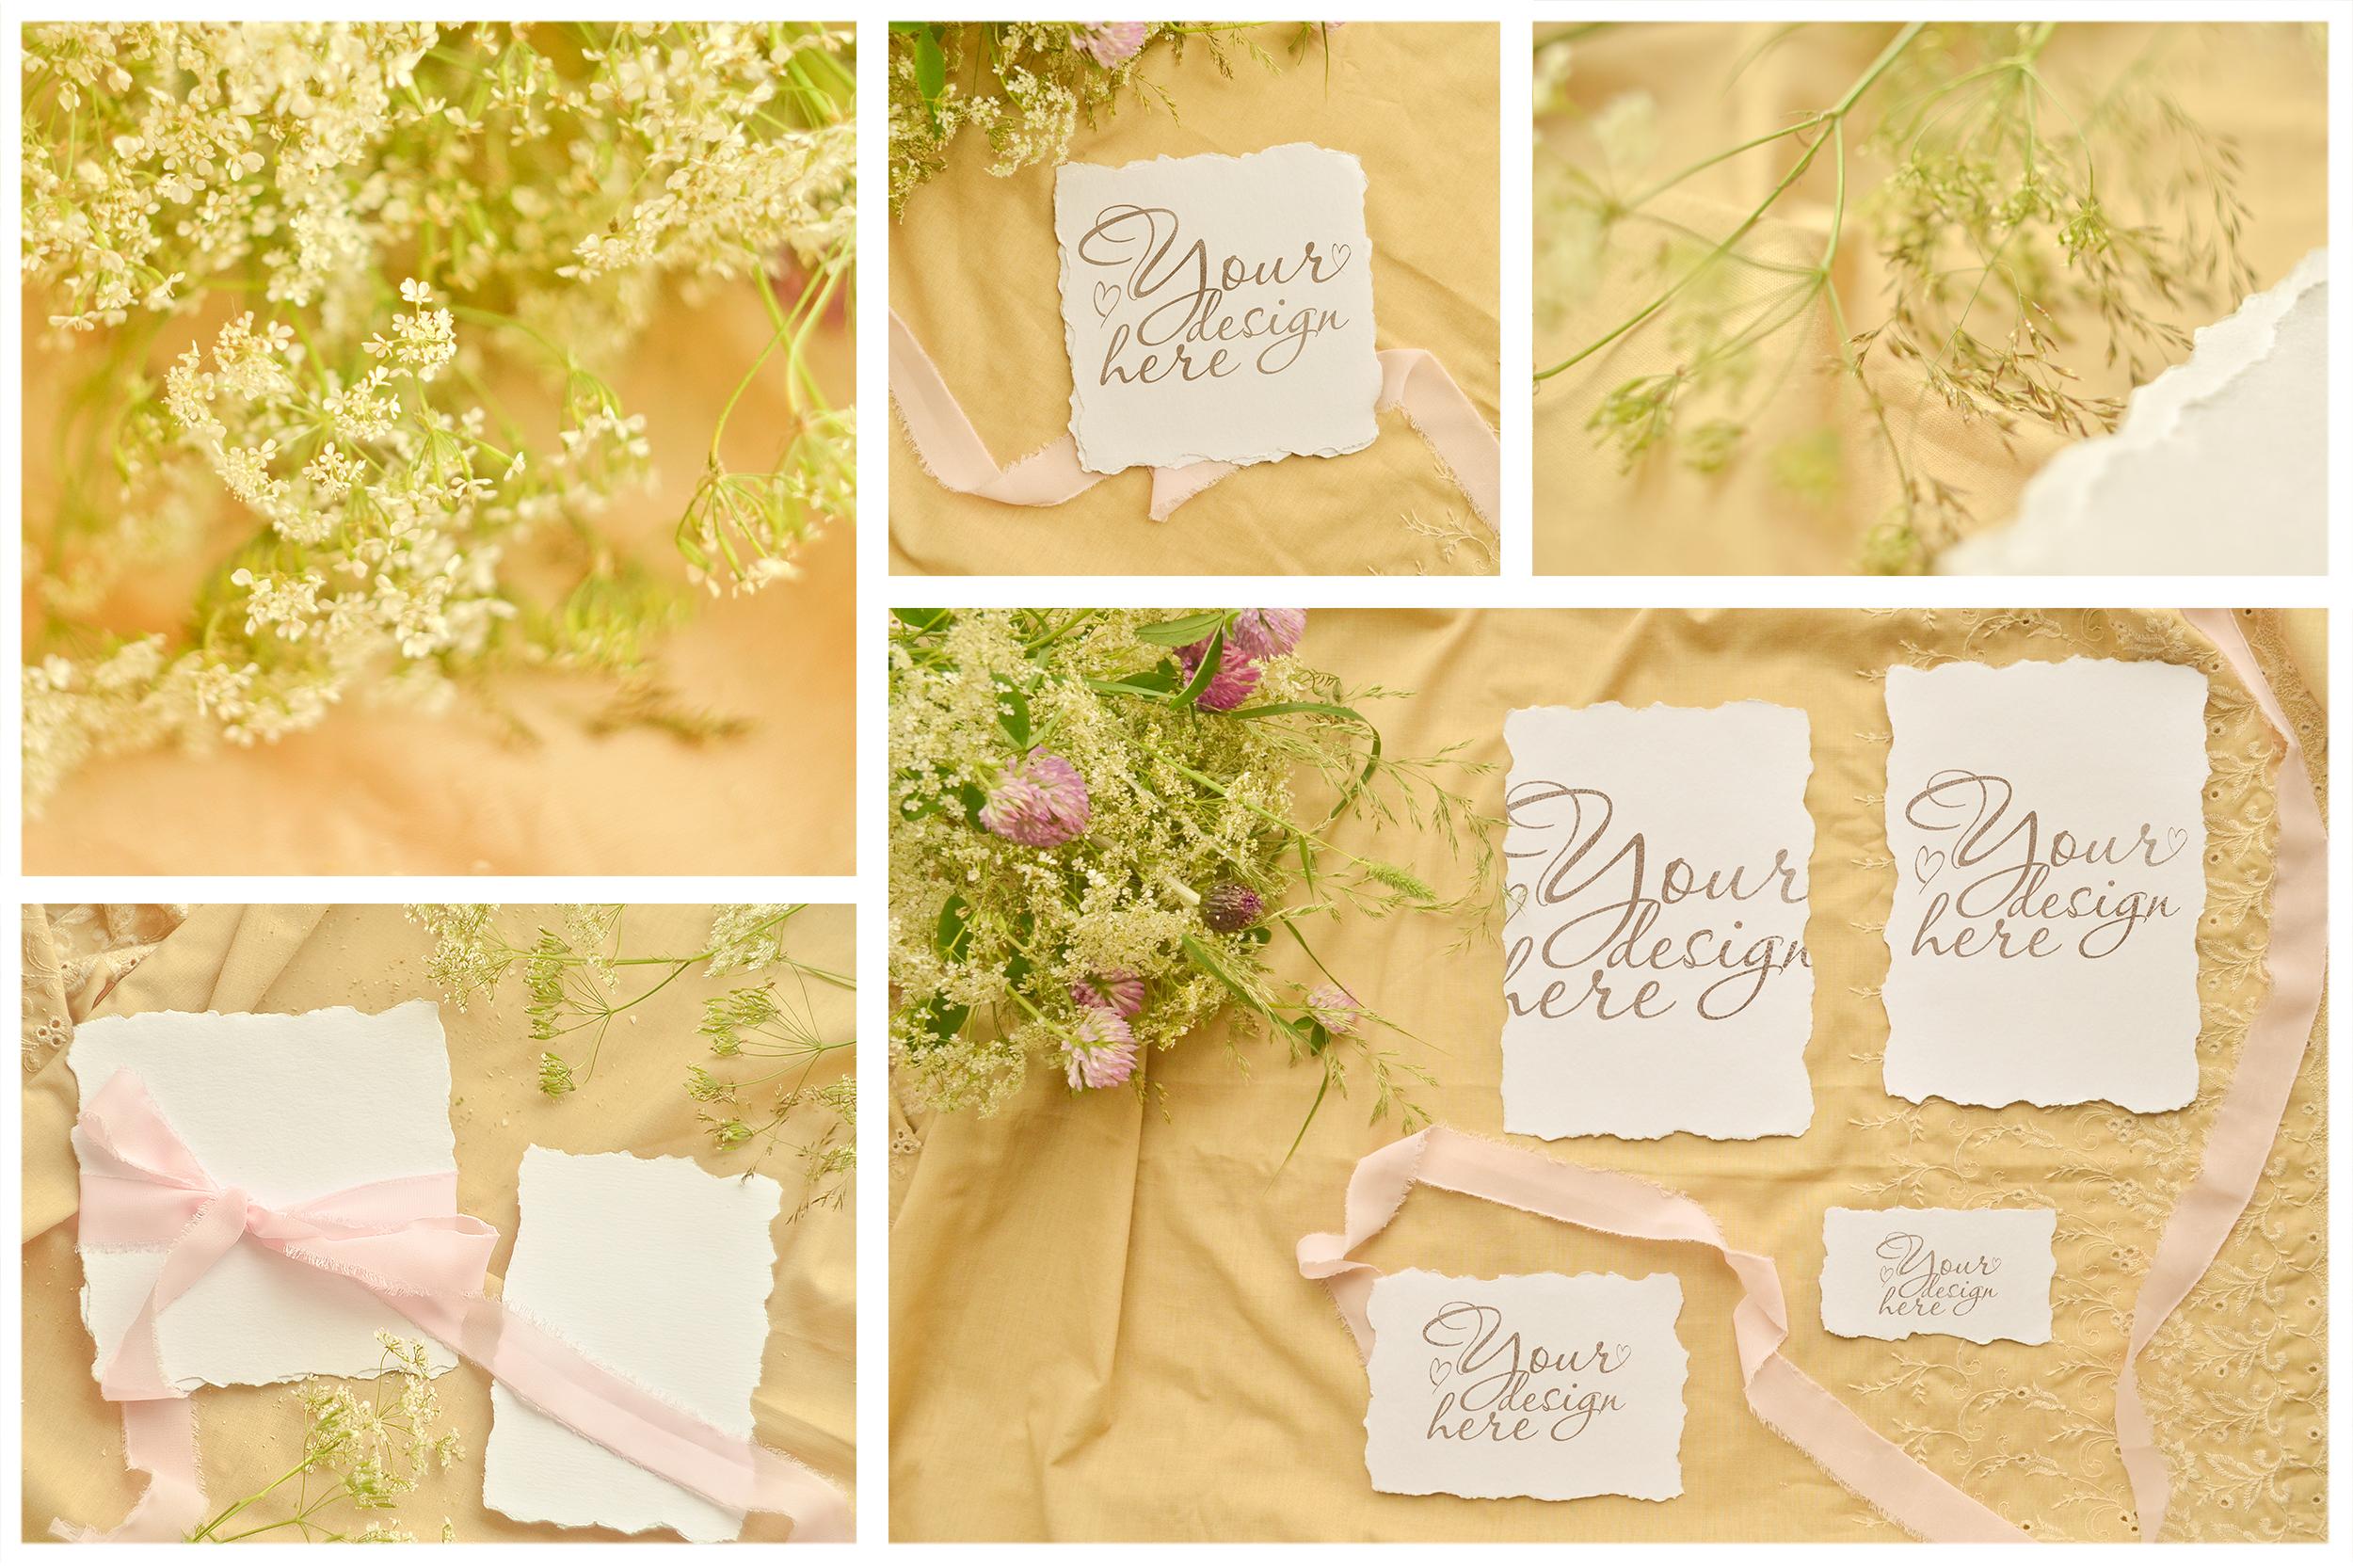 Honey Meadow. Wedding mockups & stock photo bundle example image 9